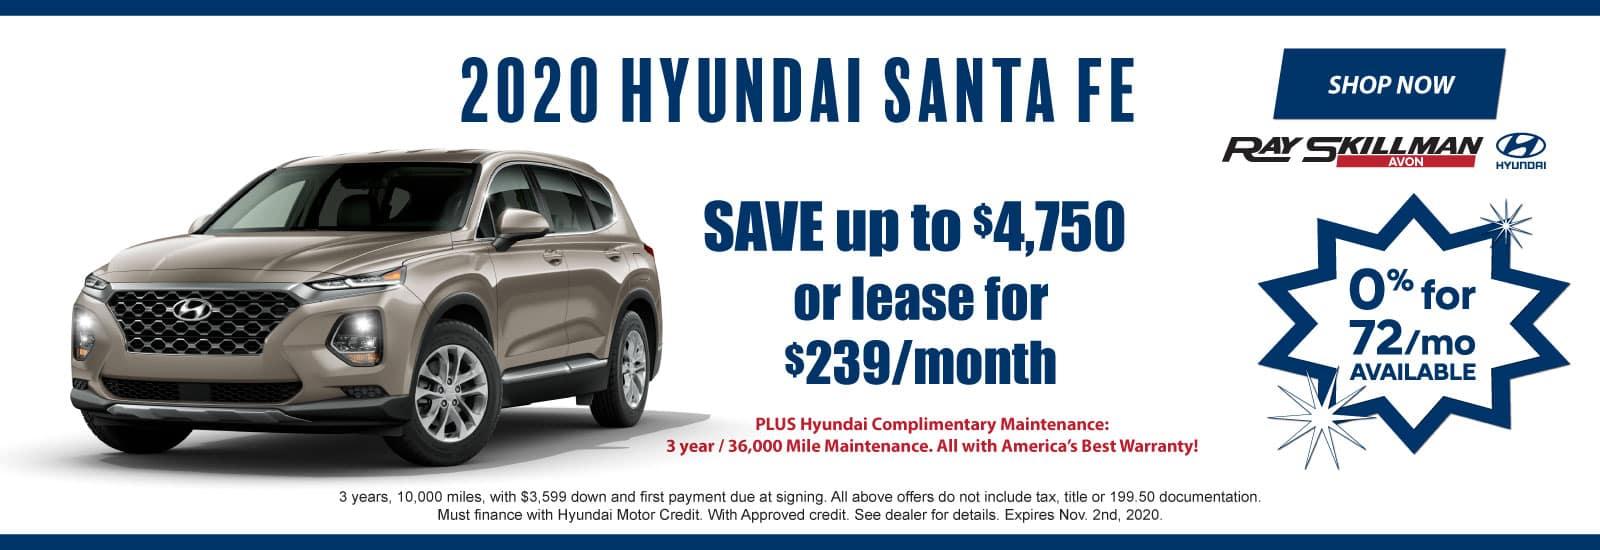 2020-Hyundai-Santa-Fe-Web-Banner-1600×500